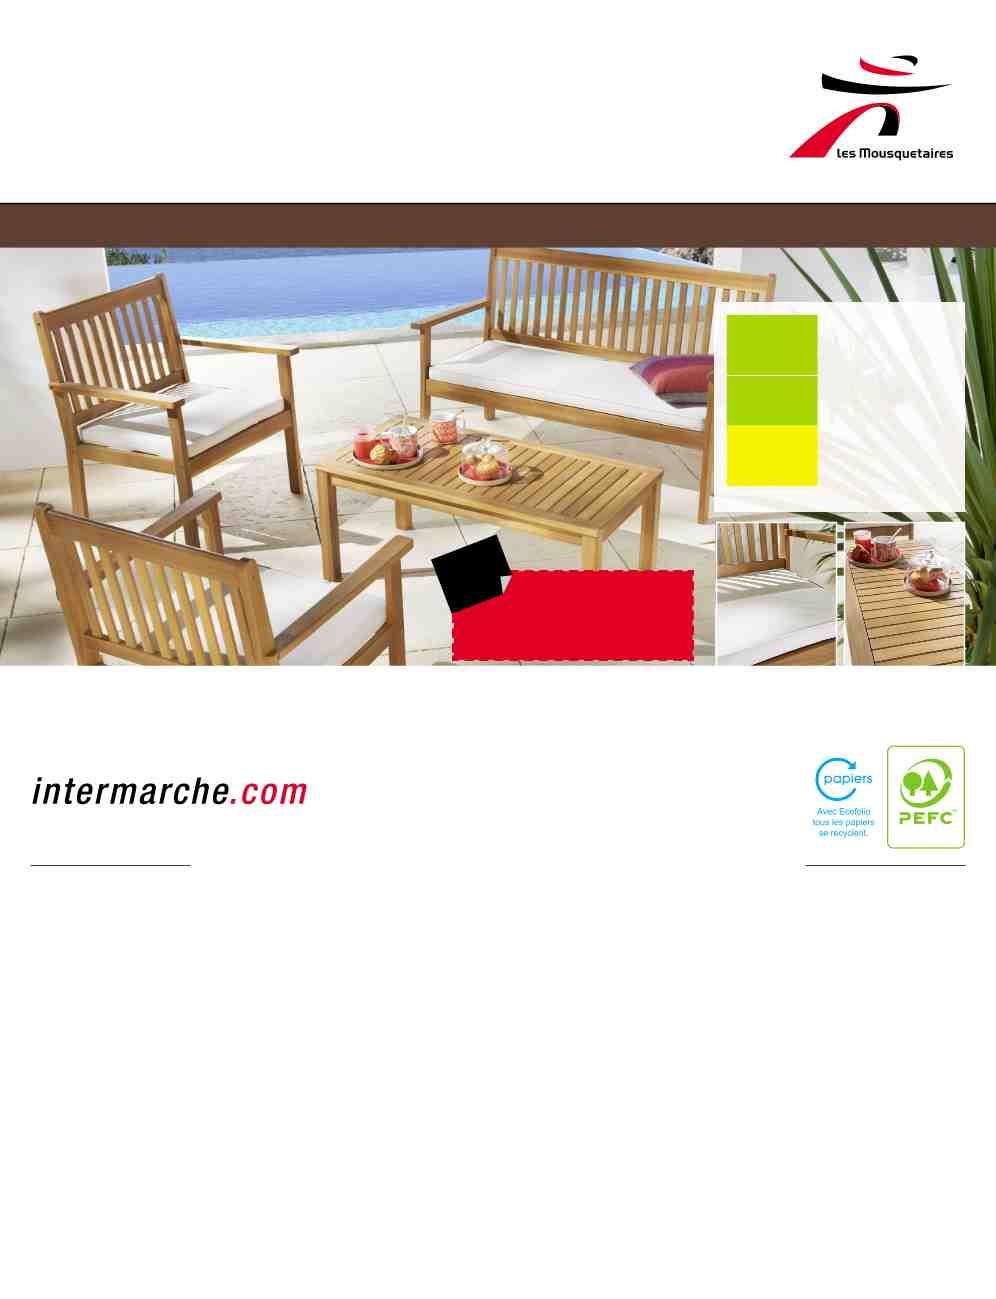 Salon De Jardin Intermarche Avril 2014 avec Table De Jardin Intermarché